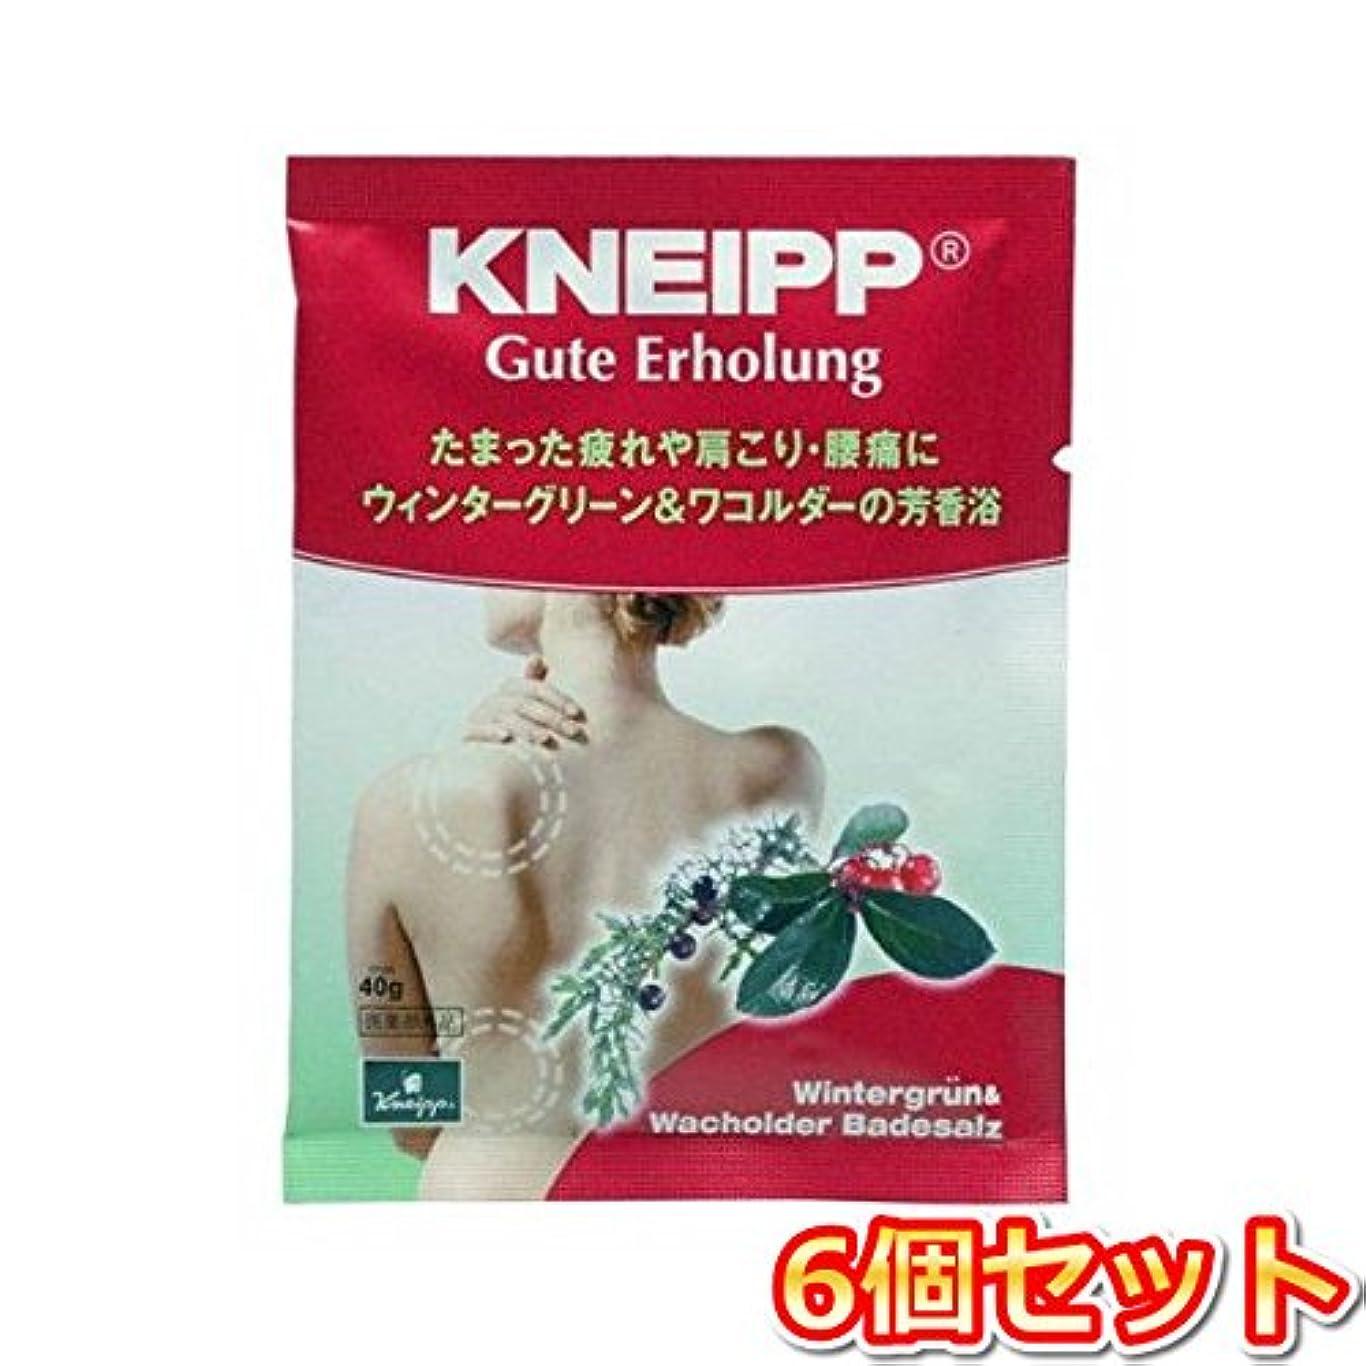 耳甘味蜂クナイプ?ジャパン クナイプグーテエアホールング ウィンターグリーン&ワコルダー 40g(医薬部外品) 6個セット